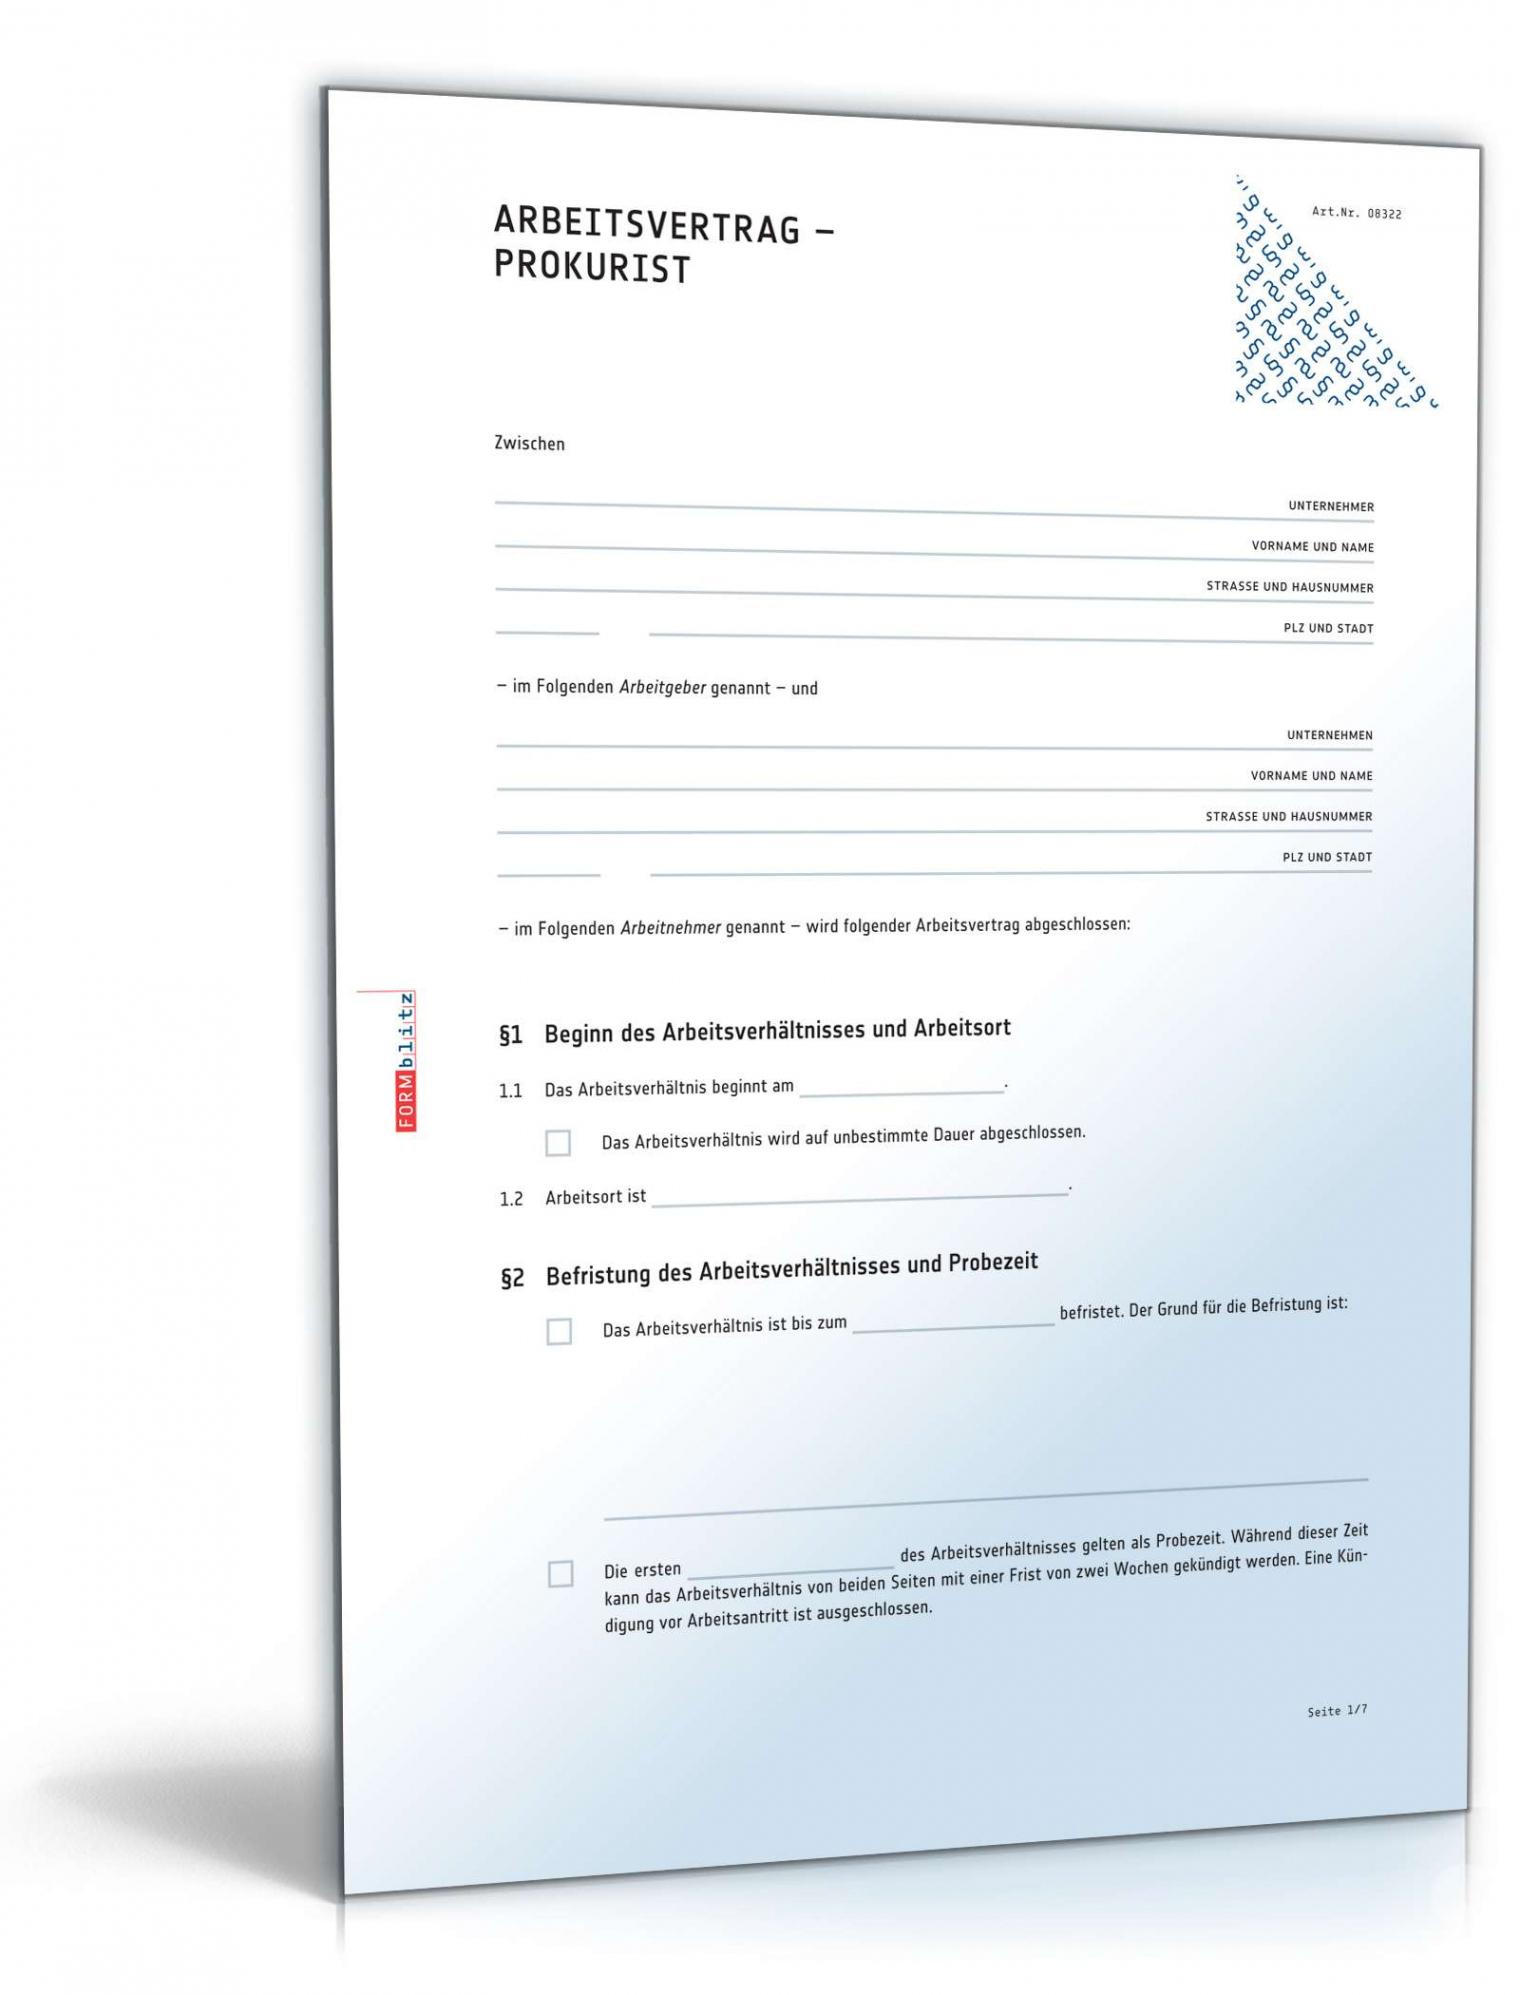 [%Eine Probe%|Porbe|] vonArbeitsvertrag Prokurist: Rechtssicheres Muster Zum Download Vereinbarung Abfindung Bei Kündigung Vorlage